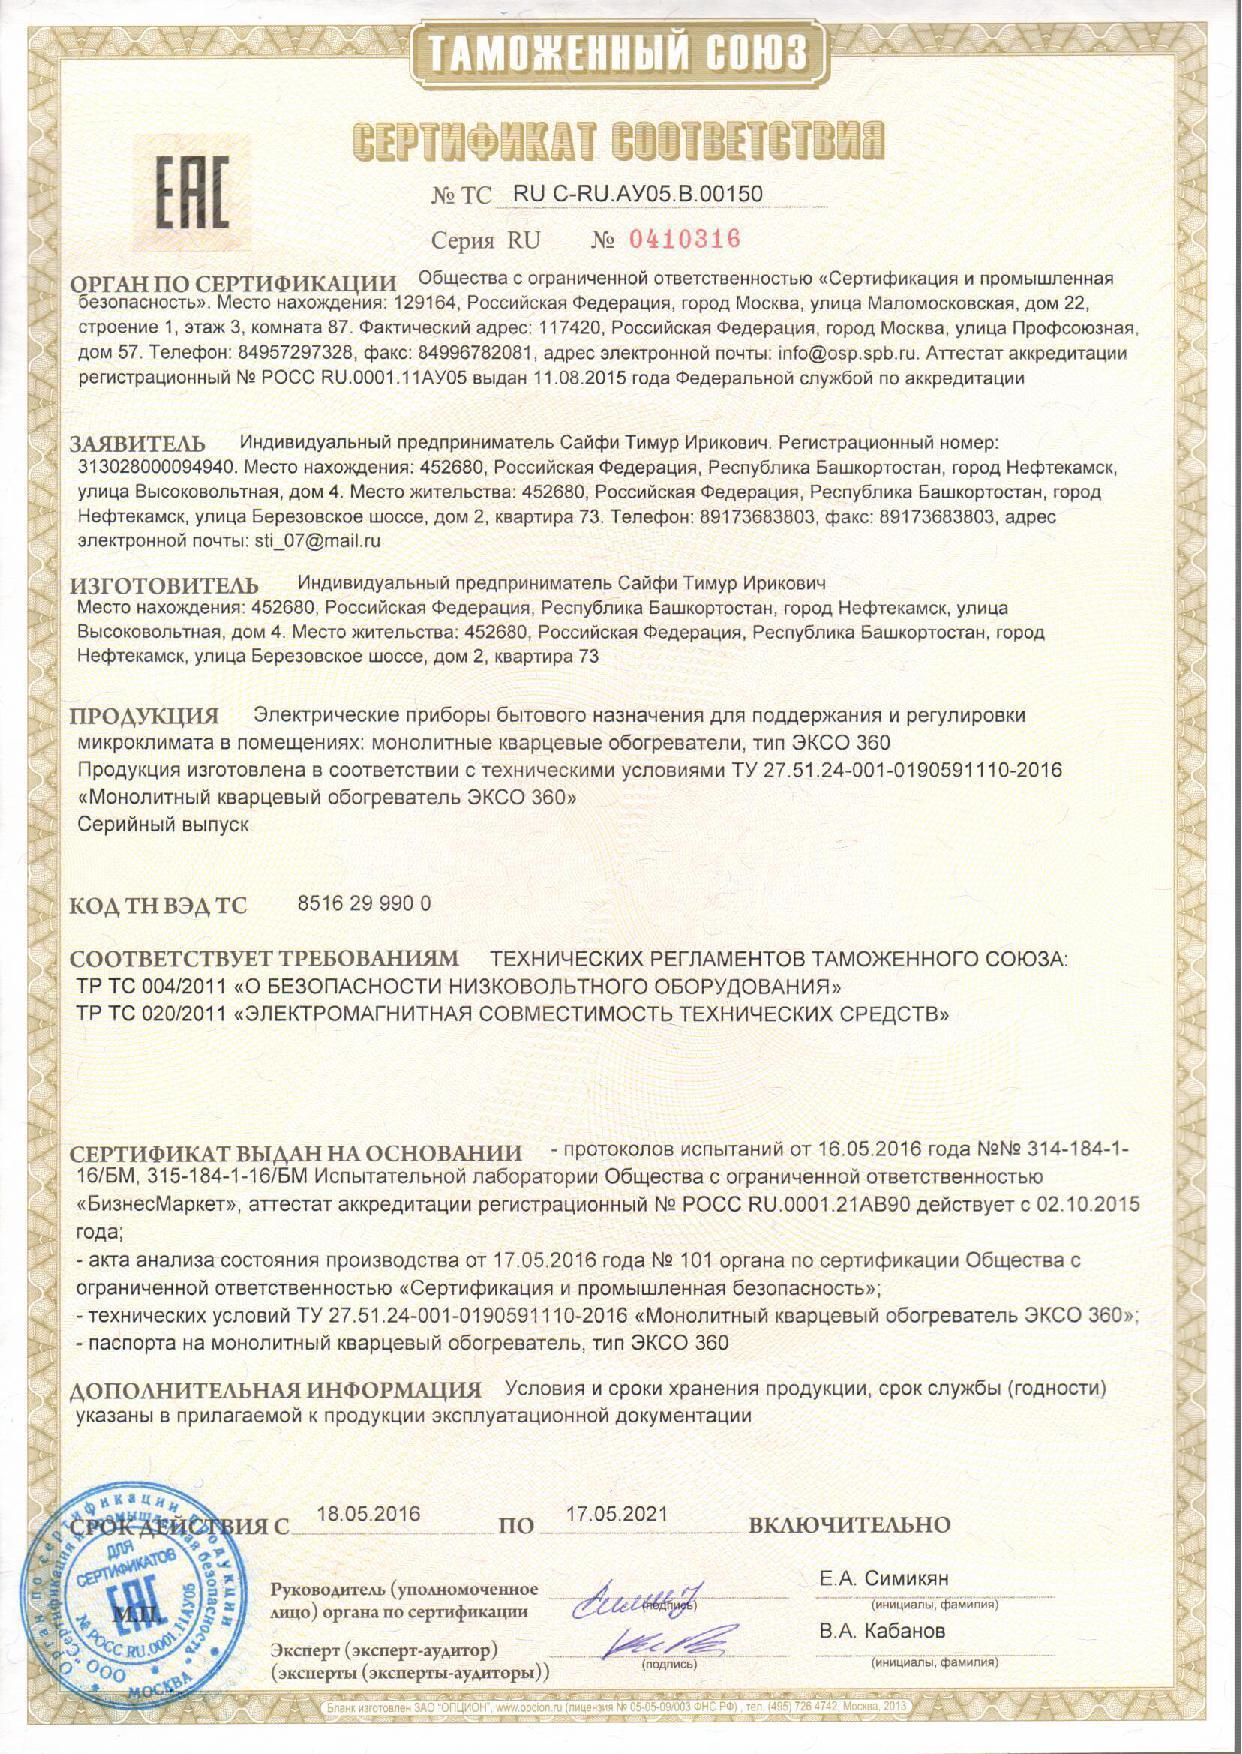 Сертификат соответствия обогревателей ЭКСО 380